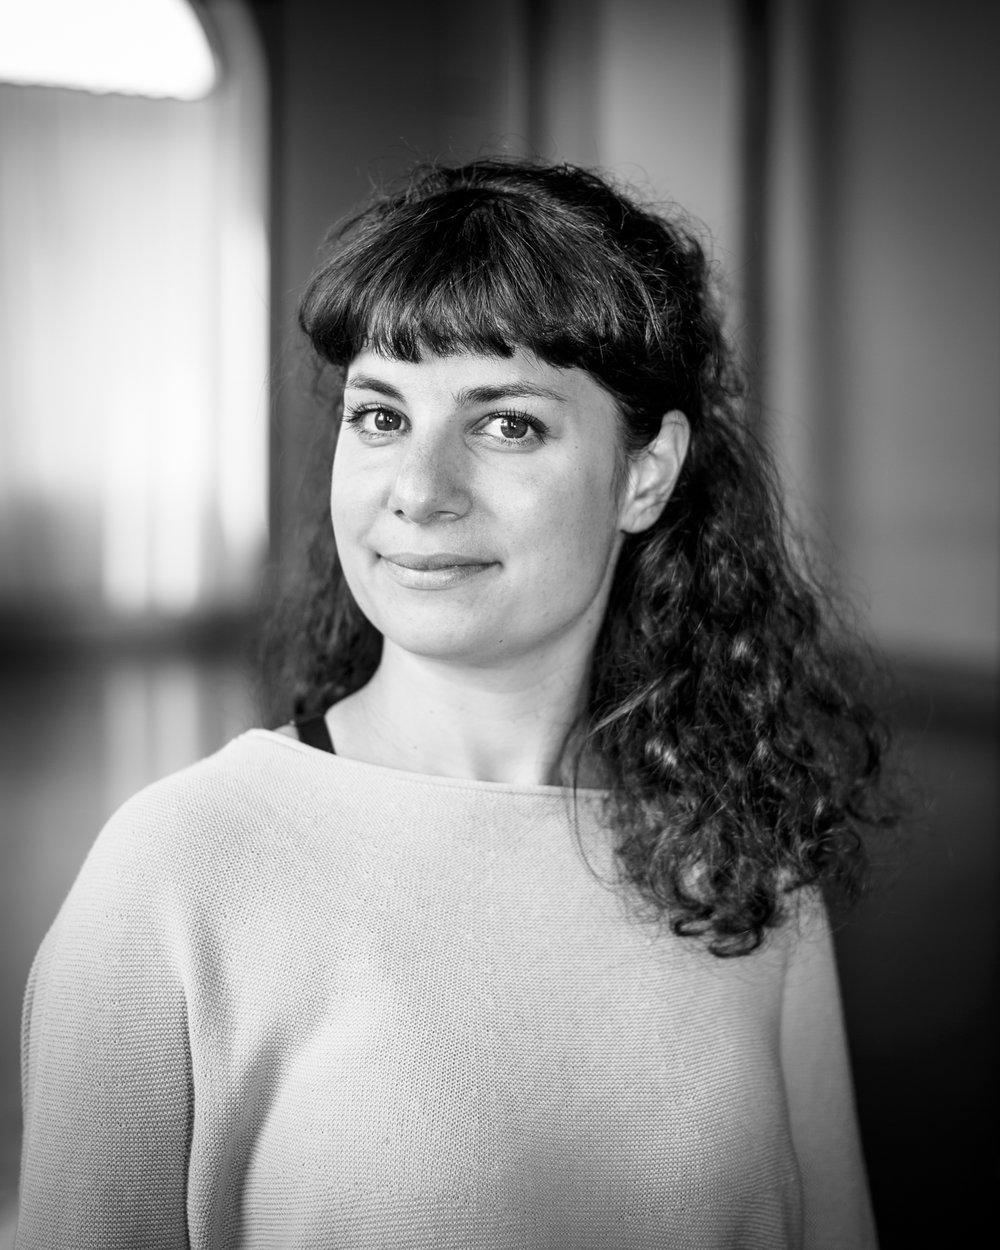 Noelia Tajes - Directrice Artistique, Chorégraphe & Choréologue(FR)Enfant du Jura bernois, Noelia Tajes est hispano-suisse basée à Genève. Elle est choréologue, directrice artistique et chorégraphe de la compagnie de danse NoTa and Guests.Elle est diplômée de la Haute école de travail social (HETS) de Genève (CH), titulaire d'un BA en animation socioculturelle (2007-2012). Triple Lauréat de la Fondation Hélène & Victor Barbour, elle saisit l'occasion pour approfondir son développement en danse à Trinity Laban Conservatoire of Music & Dance, obtenant ainsi les diplômes Diploma in Dance Studies(2013) et Master in Creative Practice ; Dance Professional Practice(2015). Noelia Tajes rentre en Suisse pour travailler avec la compagnie de danse NoTa & Guests et crée deux projets de chorégraphie participative – EntreTemps (2017) & Ex'Pression (2018). Ceci en se spécialisant dans le développement de la danse avec le Specialist Diploma in Choreological Studies(2018).Noelia Tajes est une chorégraphe à la recherche artistique constante de liens entre le travail chorégraphique et les préoccupations sociales. Elle développe actuellement son travail avec des ateliers chorégraphiques, des projets de chorégraphie participative et des ateliers dédiés à l'émancipation du spectateur en utilisant la choréologie comme méthode de travail.Elle a présenté ses recherches chorégraphiques avec ; DUELO – une exploration du deuil et du duel – Théâtre de L'Etincelle à Genève en 2010. Au nom de la Cie NoTa & Guests, elle conceptualise le projet de chorégraphique participative pour les 20 ans de l'association Rinia Contact ENTRETEMPS : LES DANSES CONTEMPORAINES D'ANTAN. Ce dernier se décline en deux volets : ENTRETEMPS (2017) et EX'PRESSION (2018) qui allie parfaitement le socioculturelle à l'artistique.Noelia Tajes est sollicitée à prendre part au projet Territoires Dansés en Commun – TDC. Un ambitieux projet transfrontalier d'éducation artistique et culturelle en danse, qui se déroule de 2017 à 20